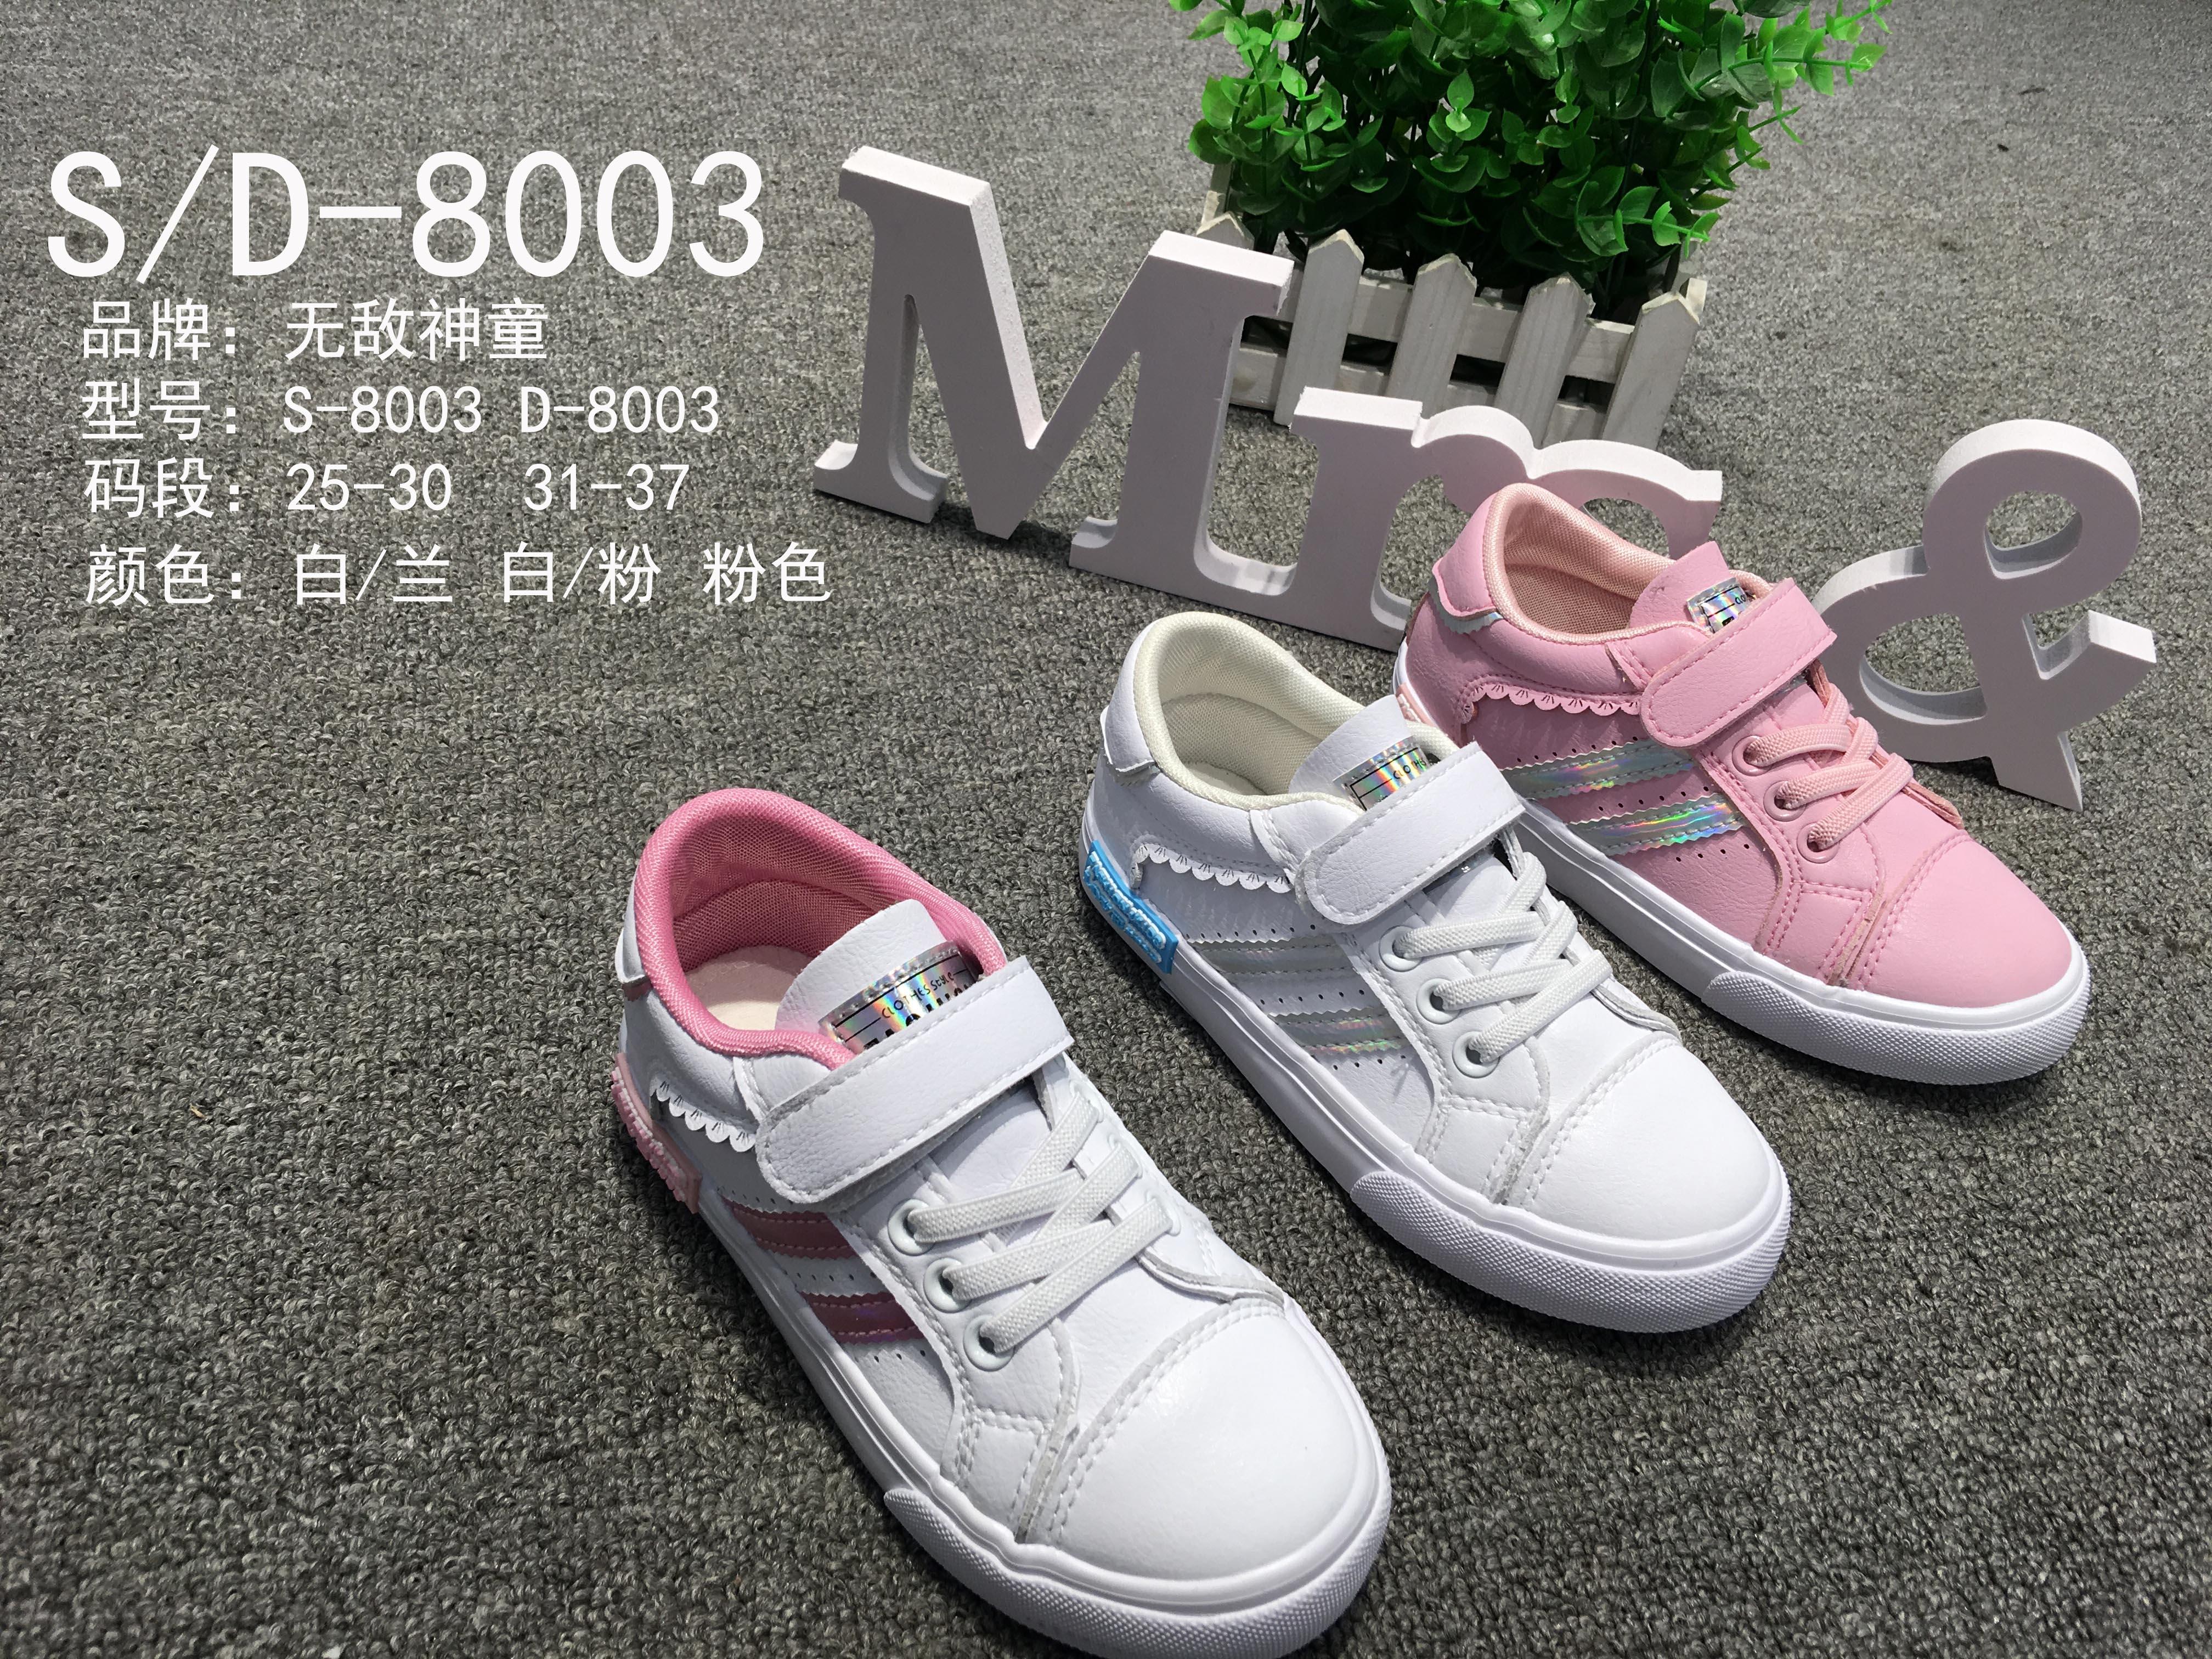 S-D-8003